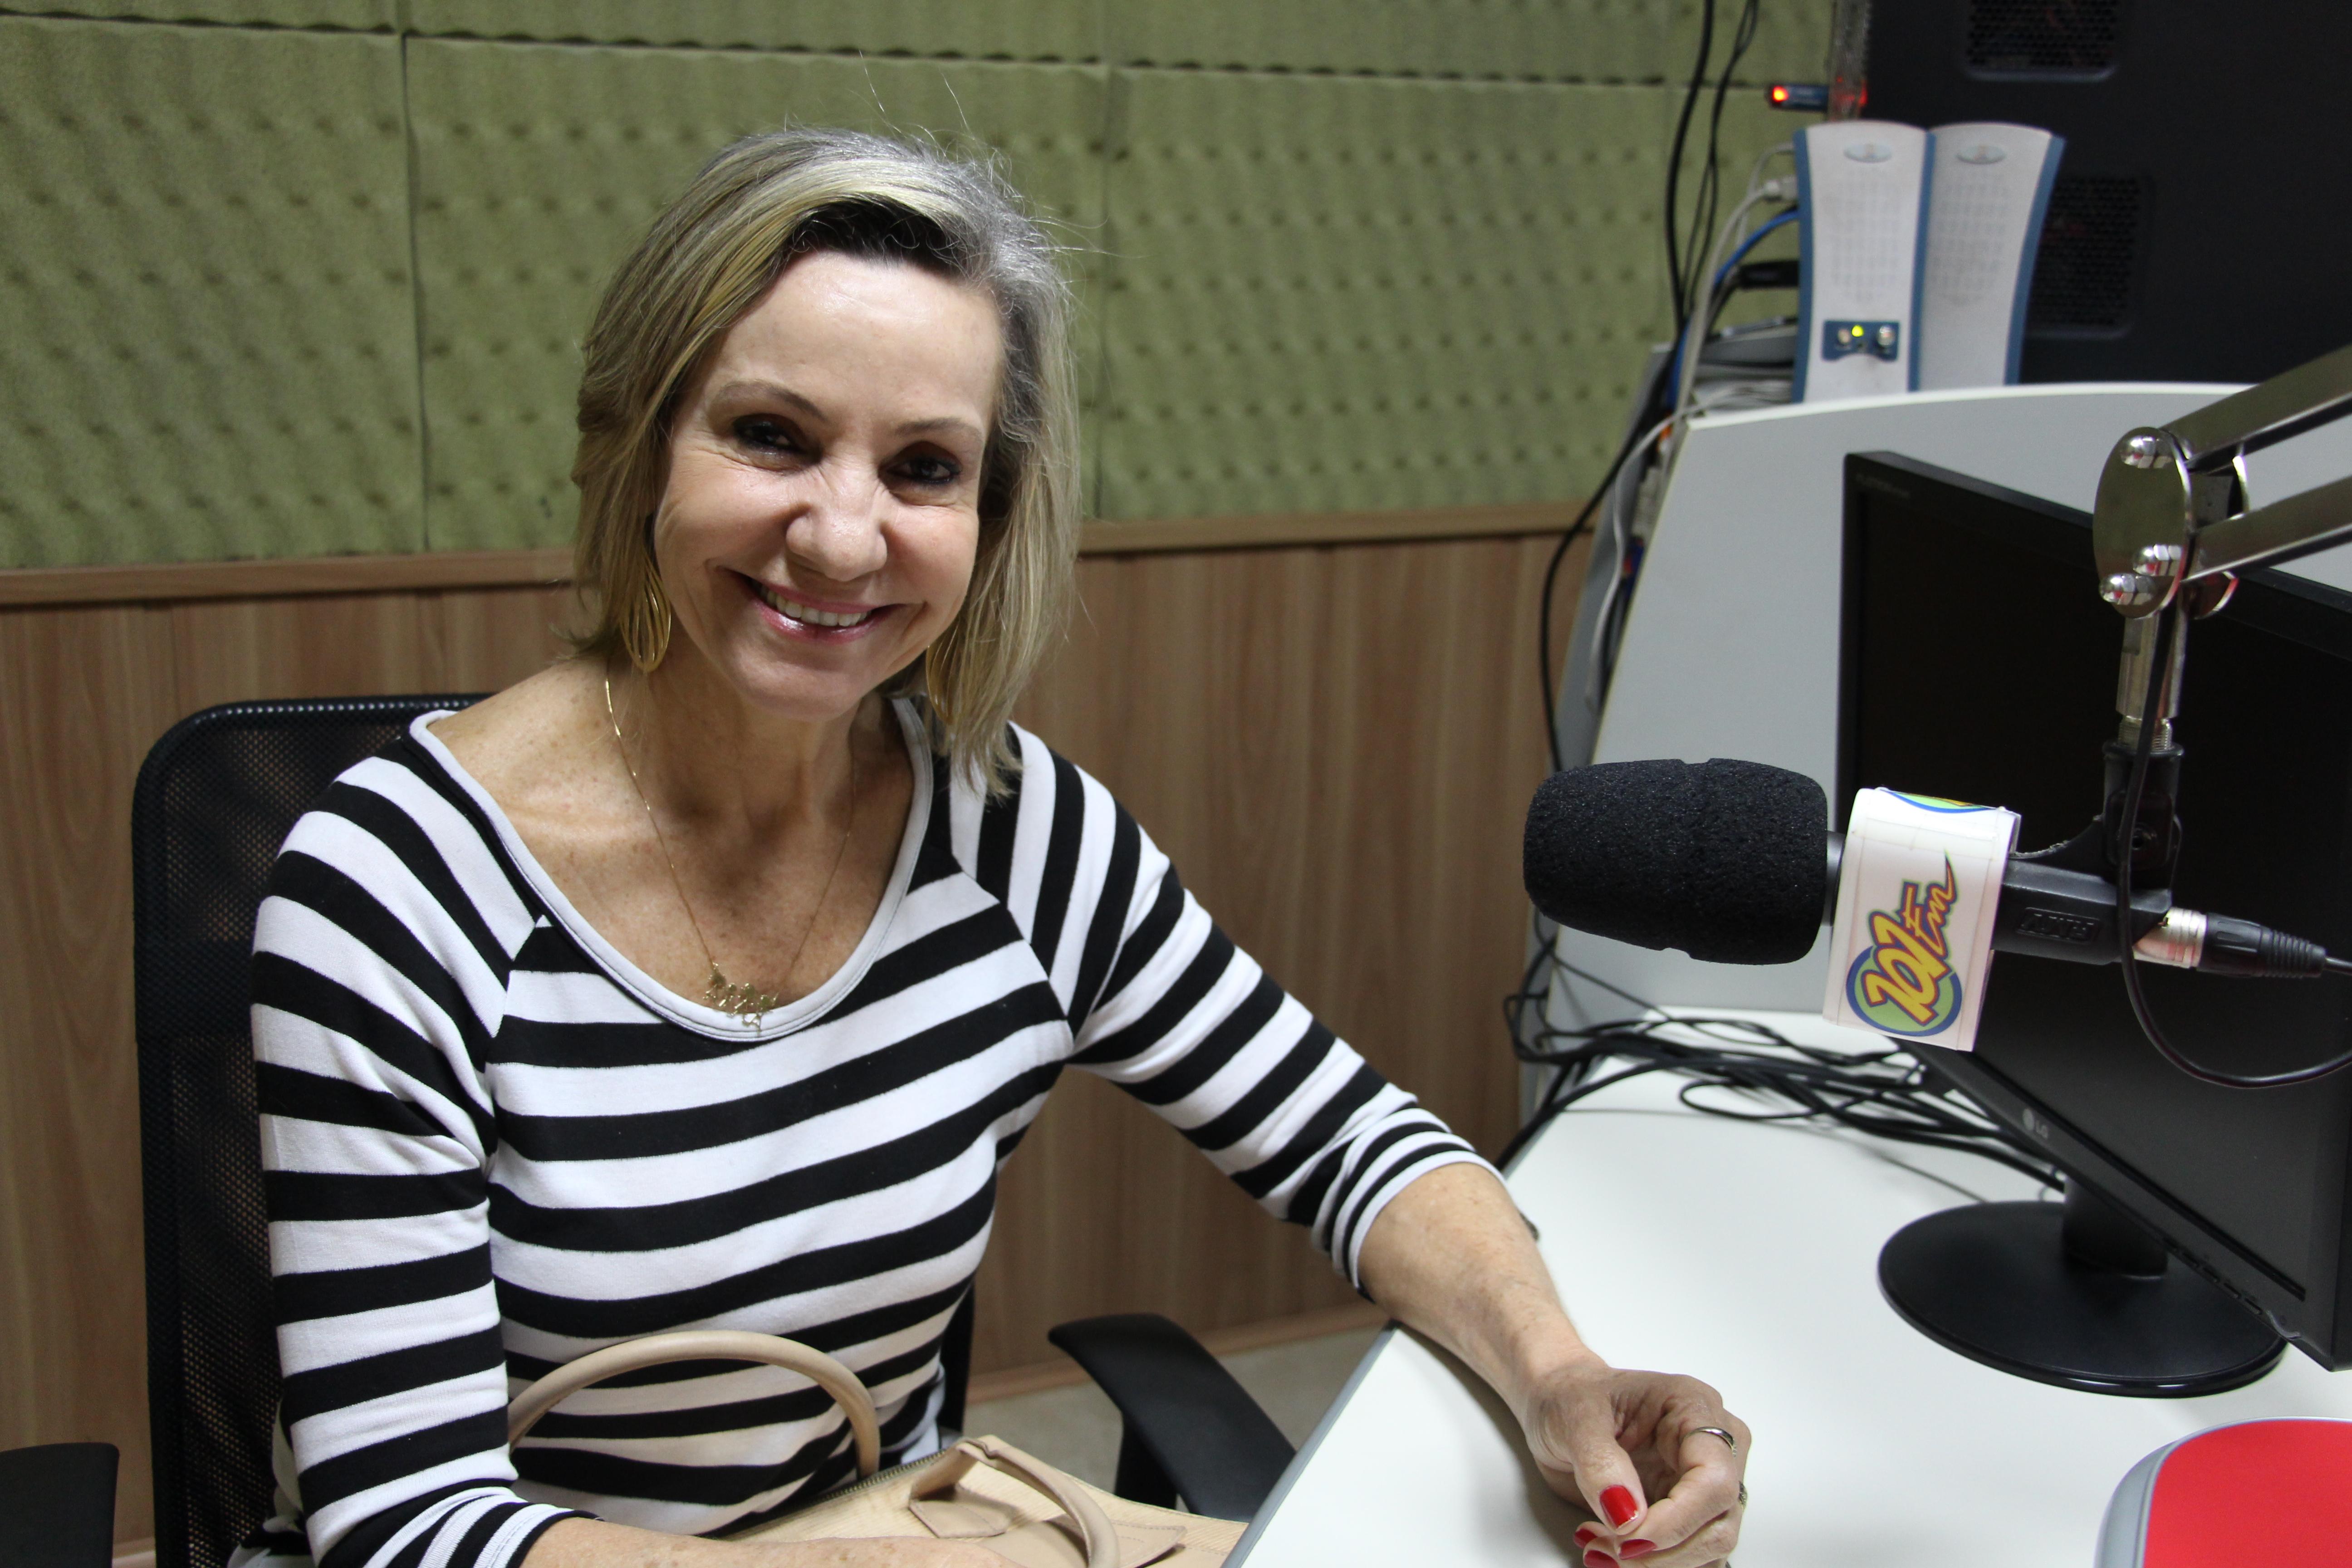 Presidente da Casa da Amizade, Nereida Santos (Foto: Renan Leite/Jornal 101)